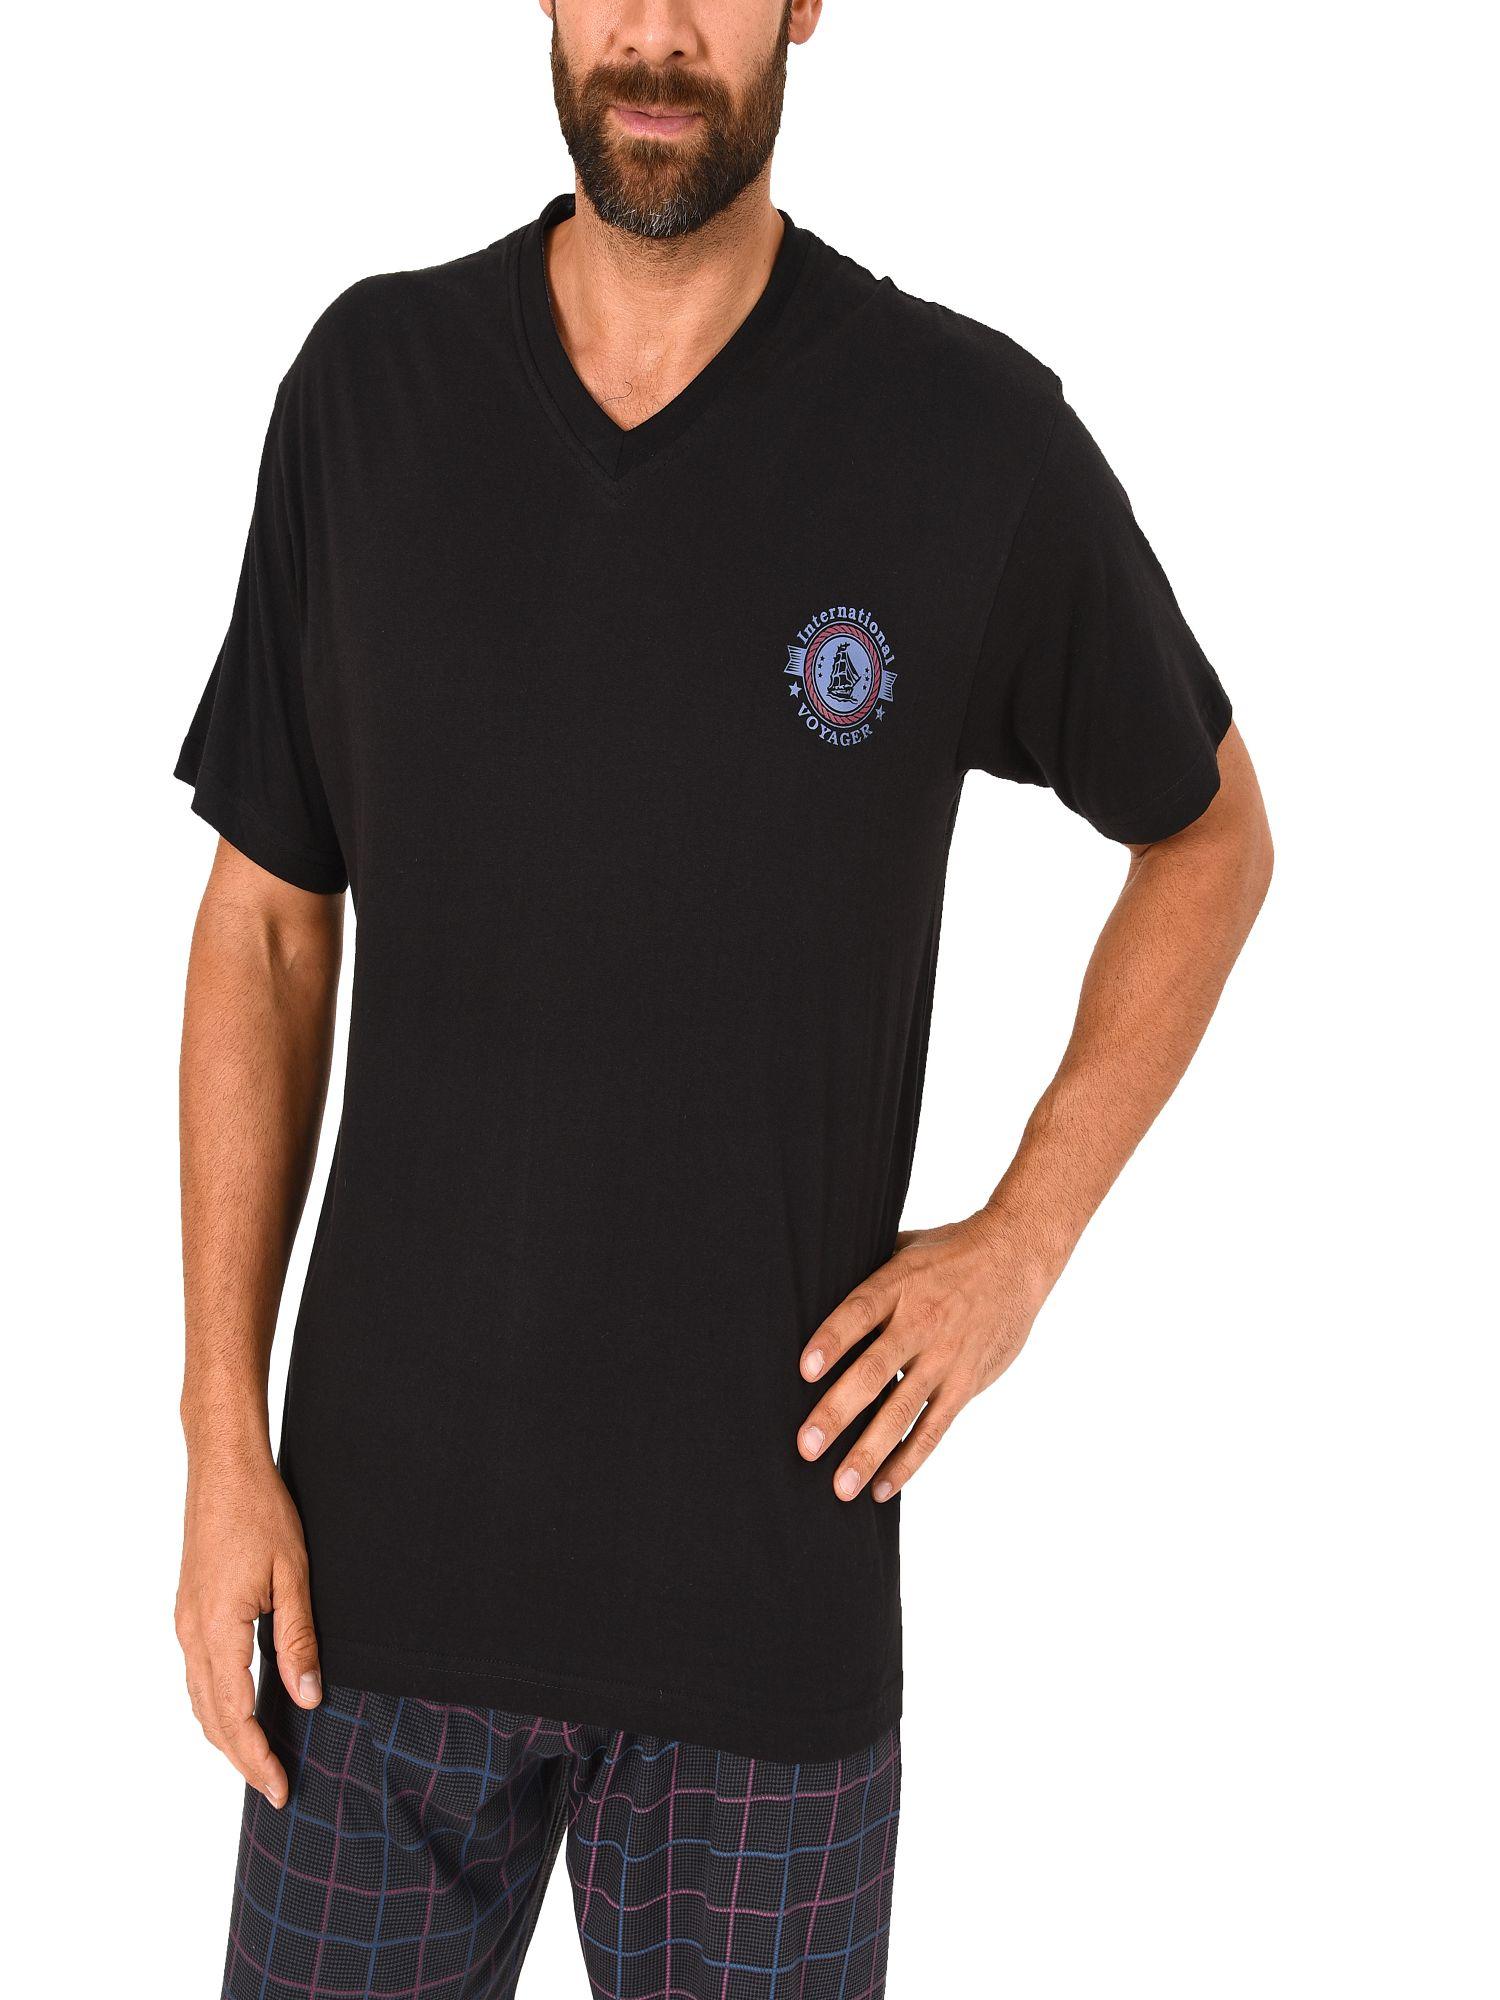 Herren Shirt - Oberteil kurzarm Mix & Match marine oder schwarz – 271 120 90 522 – Bild 2